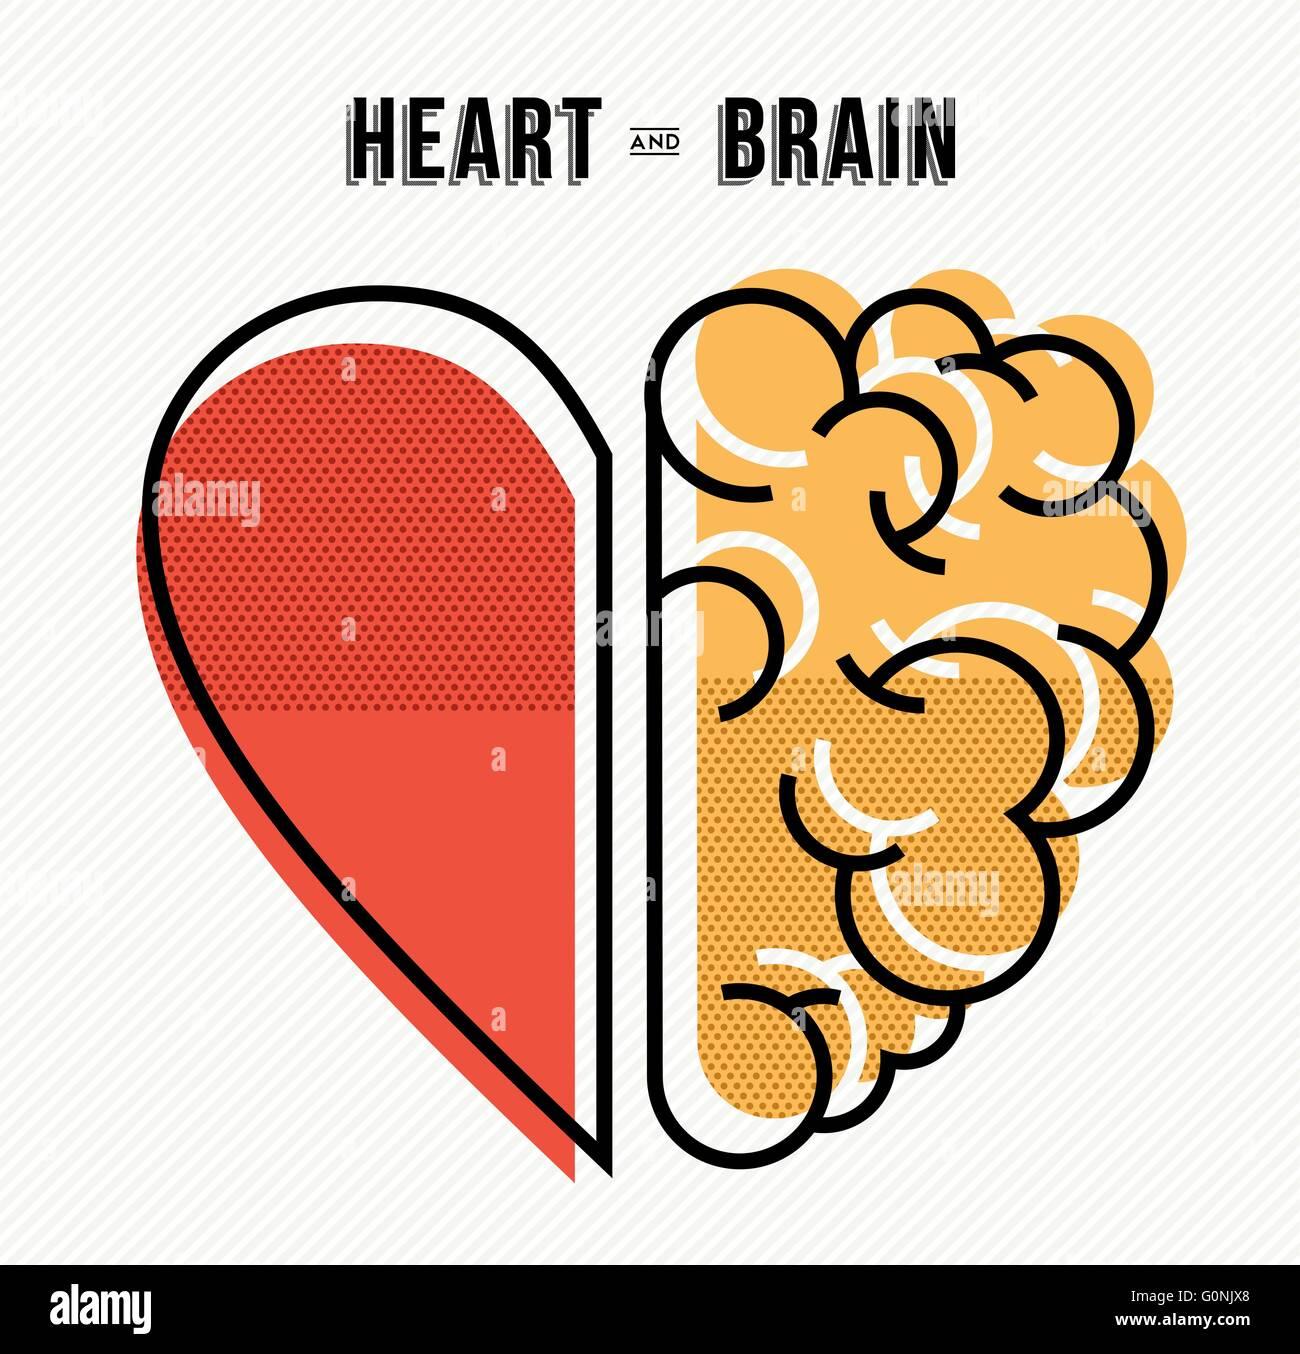 El corazón y el cerebro funcionan como concepto de diseño del equipo, línea plana arte ILUSTRACIÓN MODERNA. Vector Ilustración del Vector